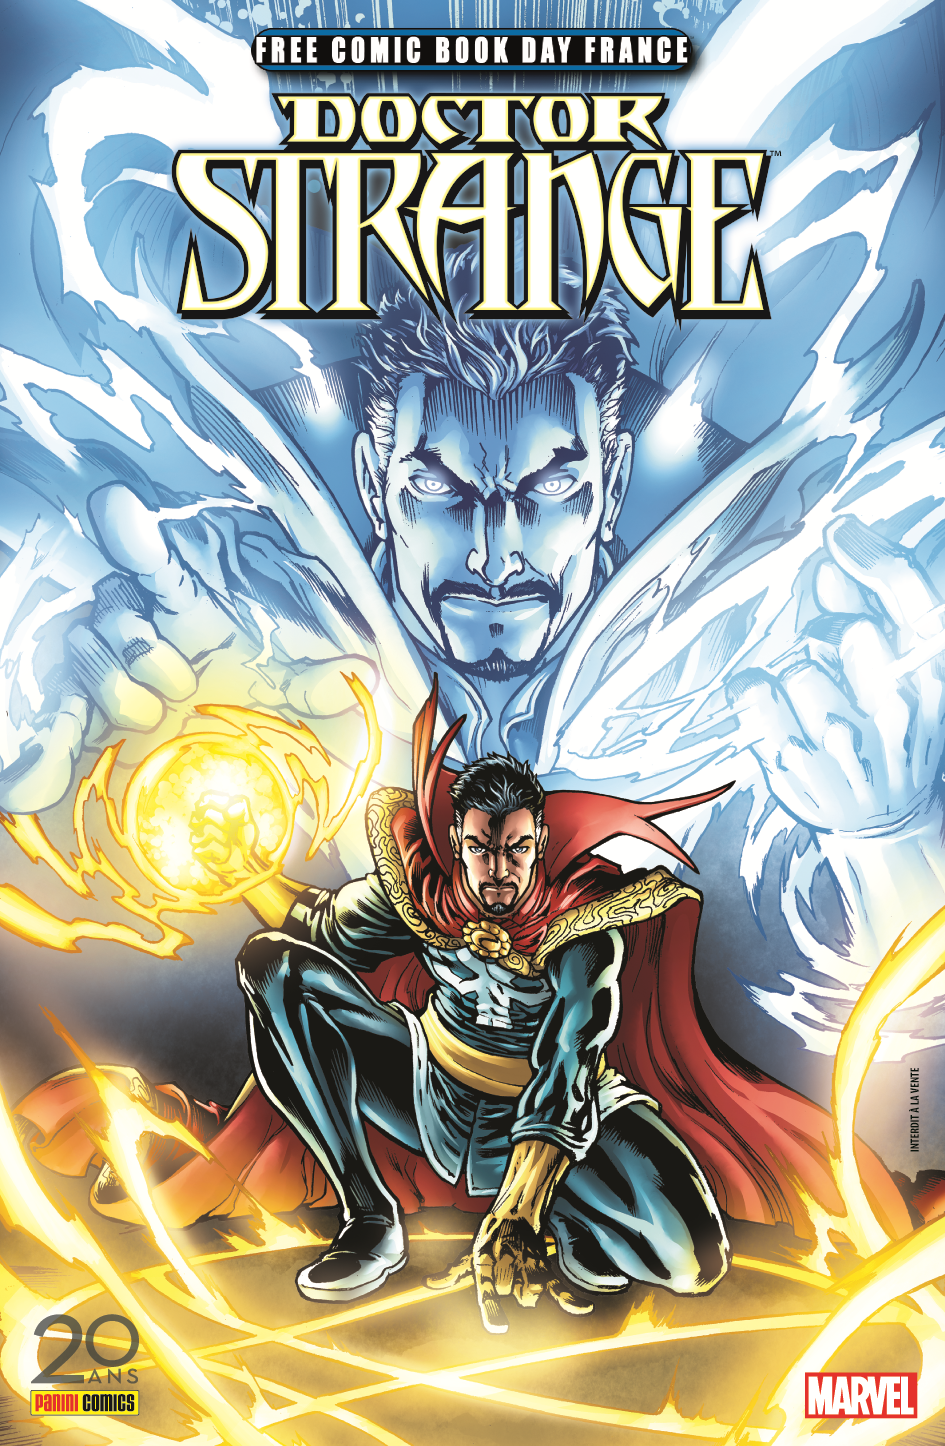 FCBD2017 - Doctor Strange – Mystic Apprentice !